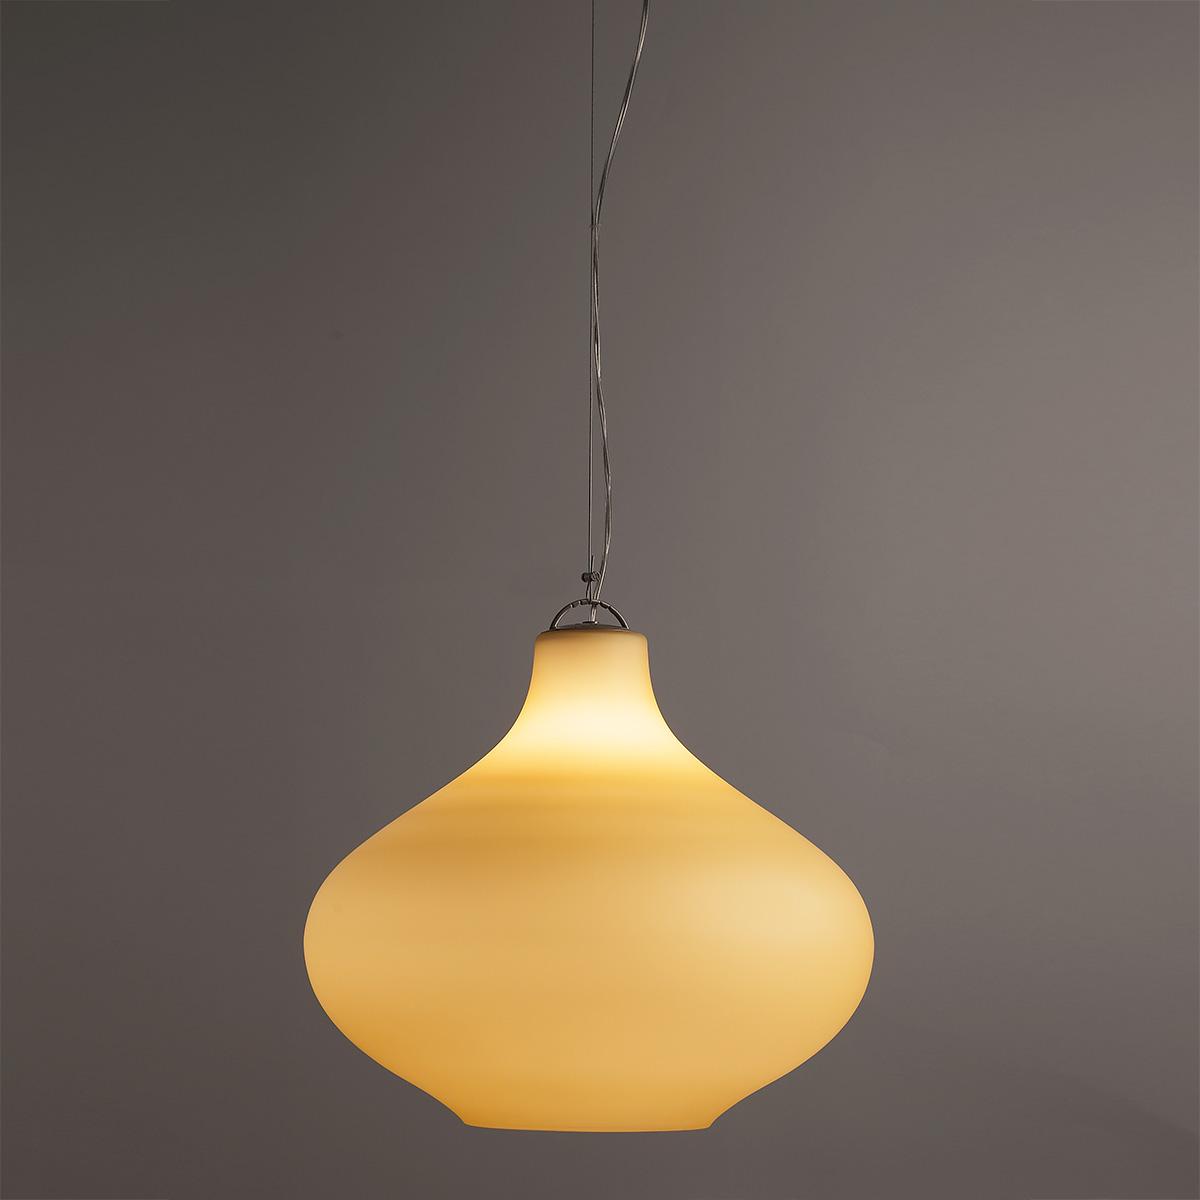 Μοντέρνο φωτιστικό Μουράνο SOMBRERO murano suspension lamp